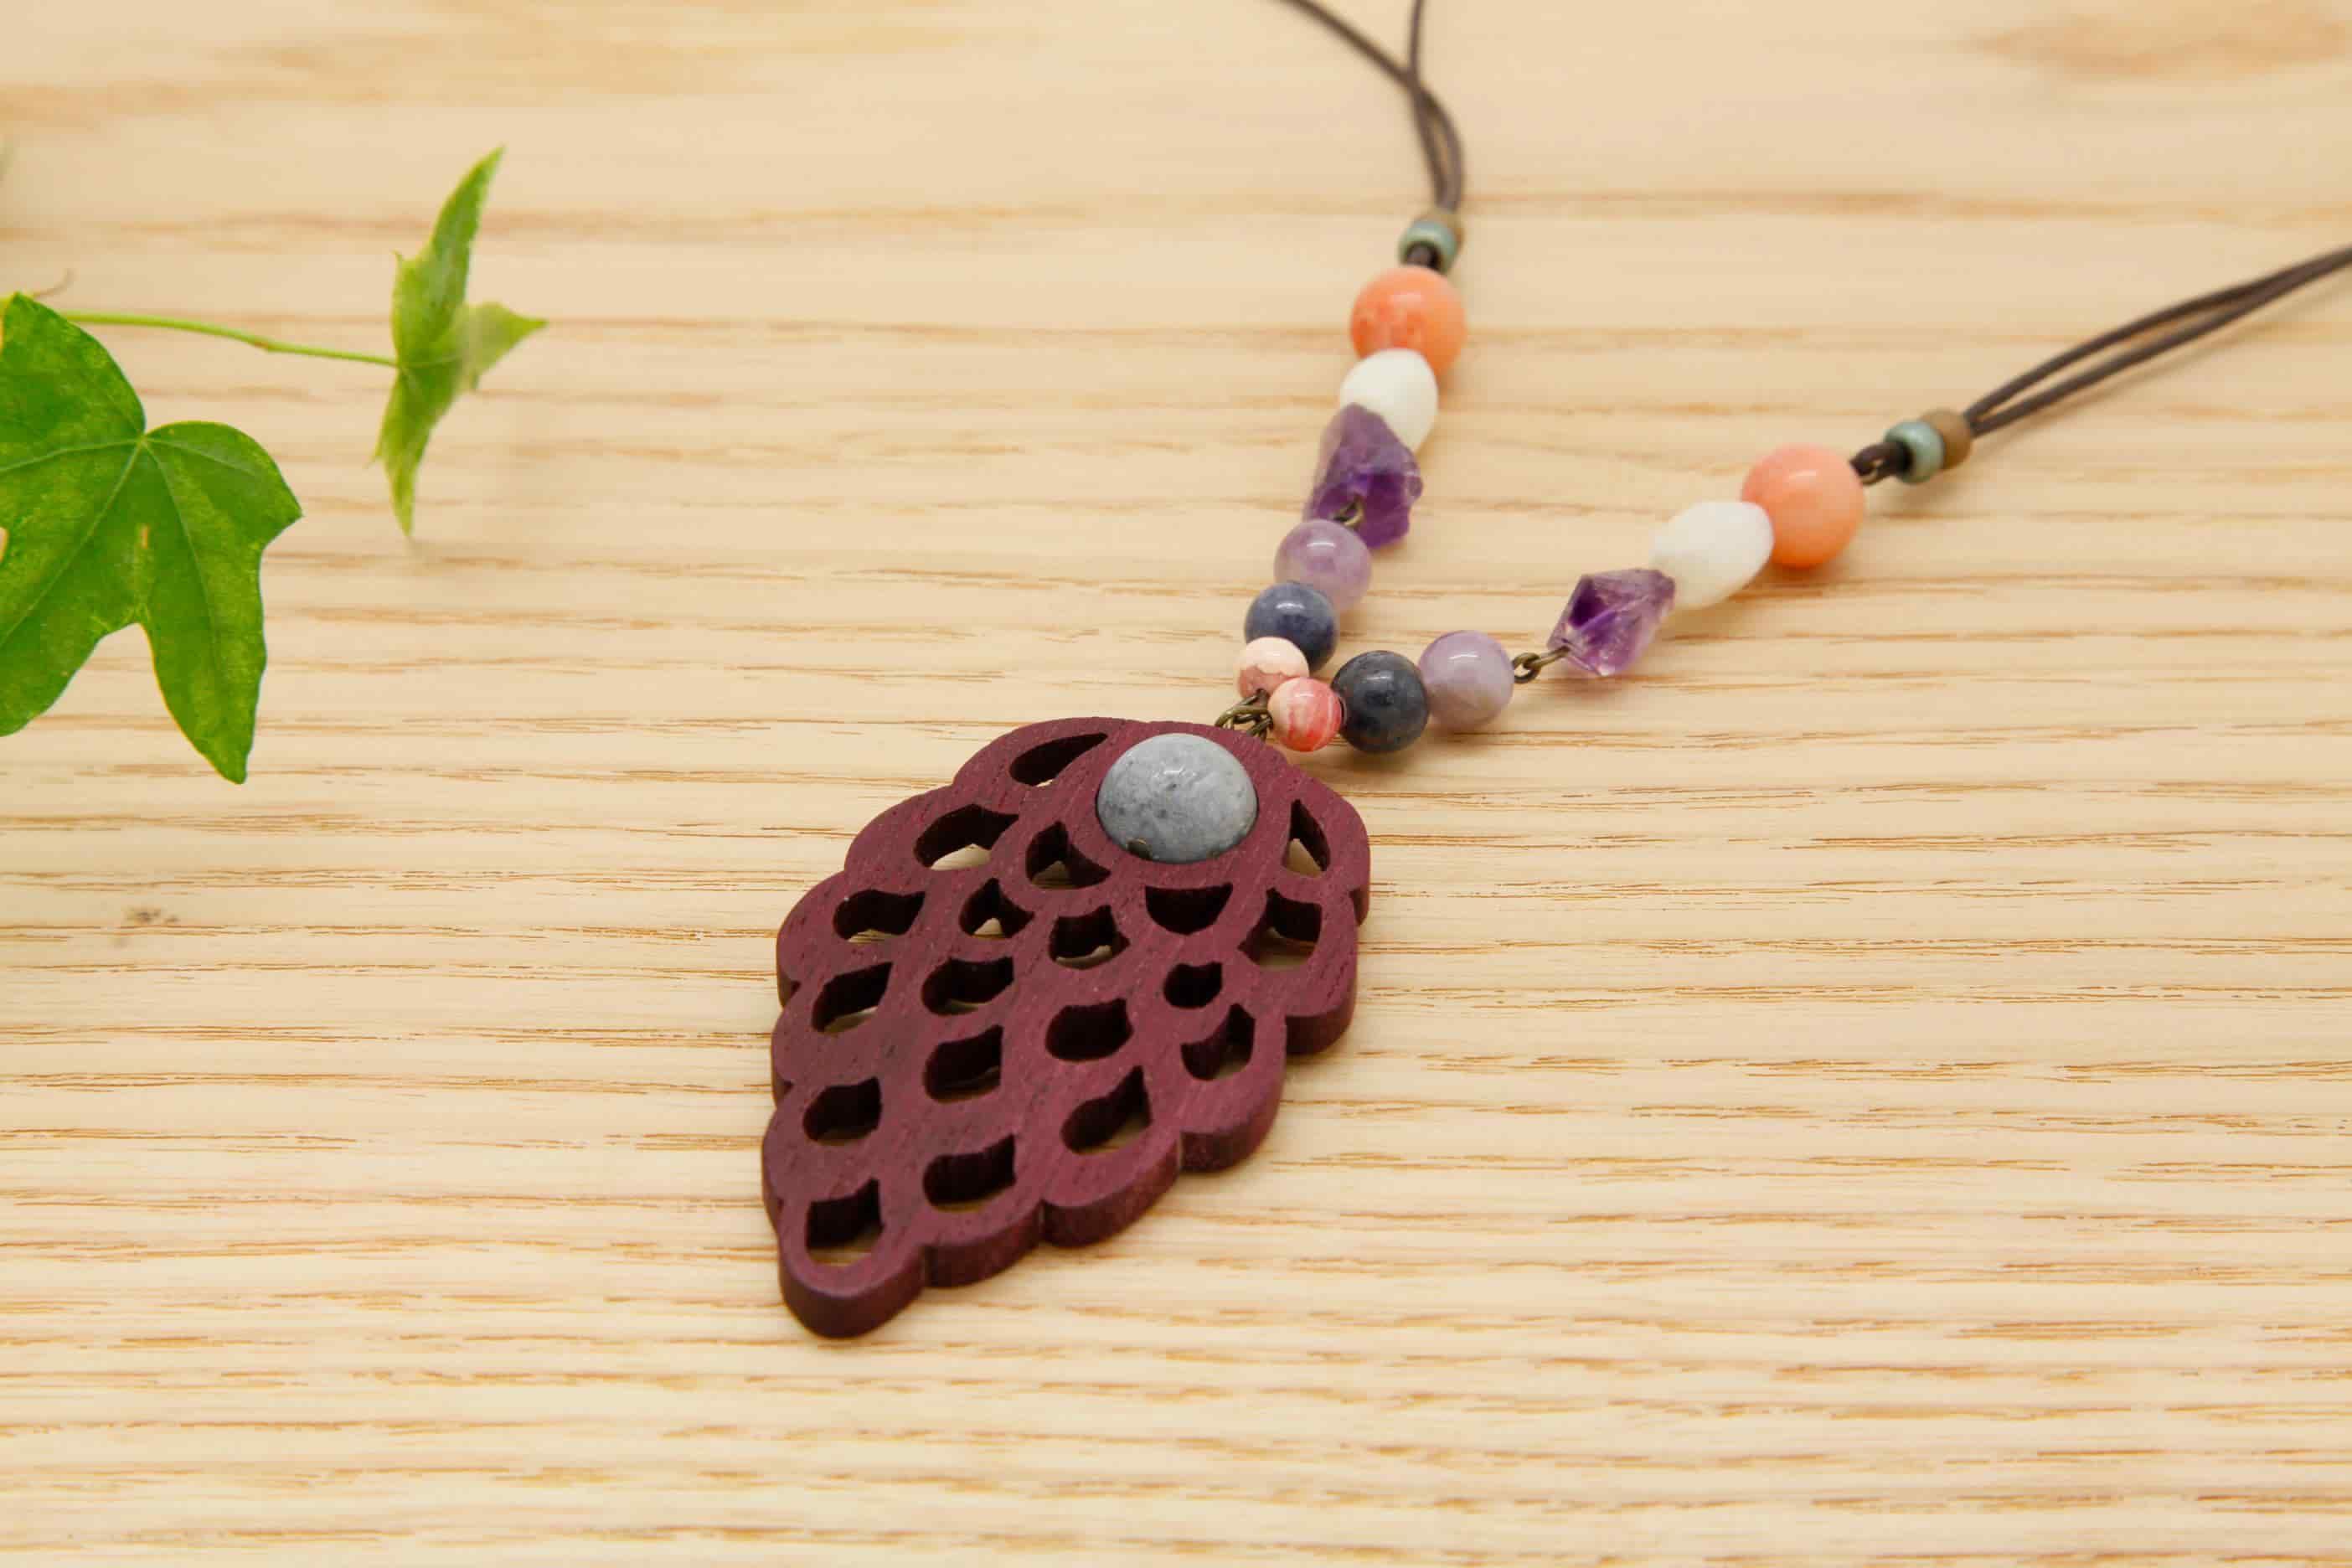 木のネックレス・ペンダント 木のアクセサリー【日本製】木の実 パープルハート 青サンゴ